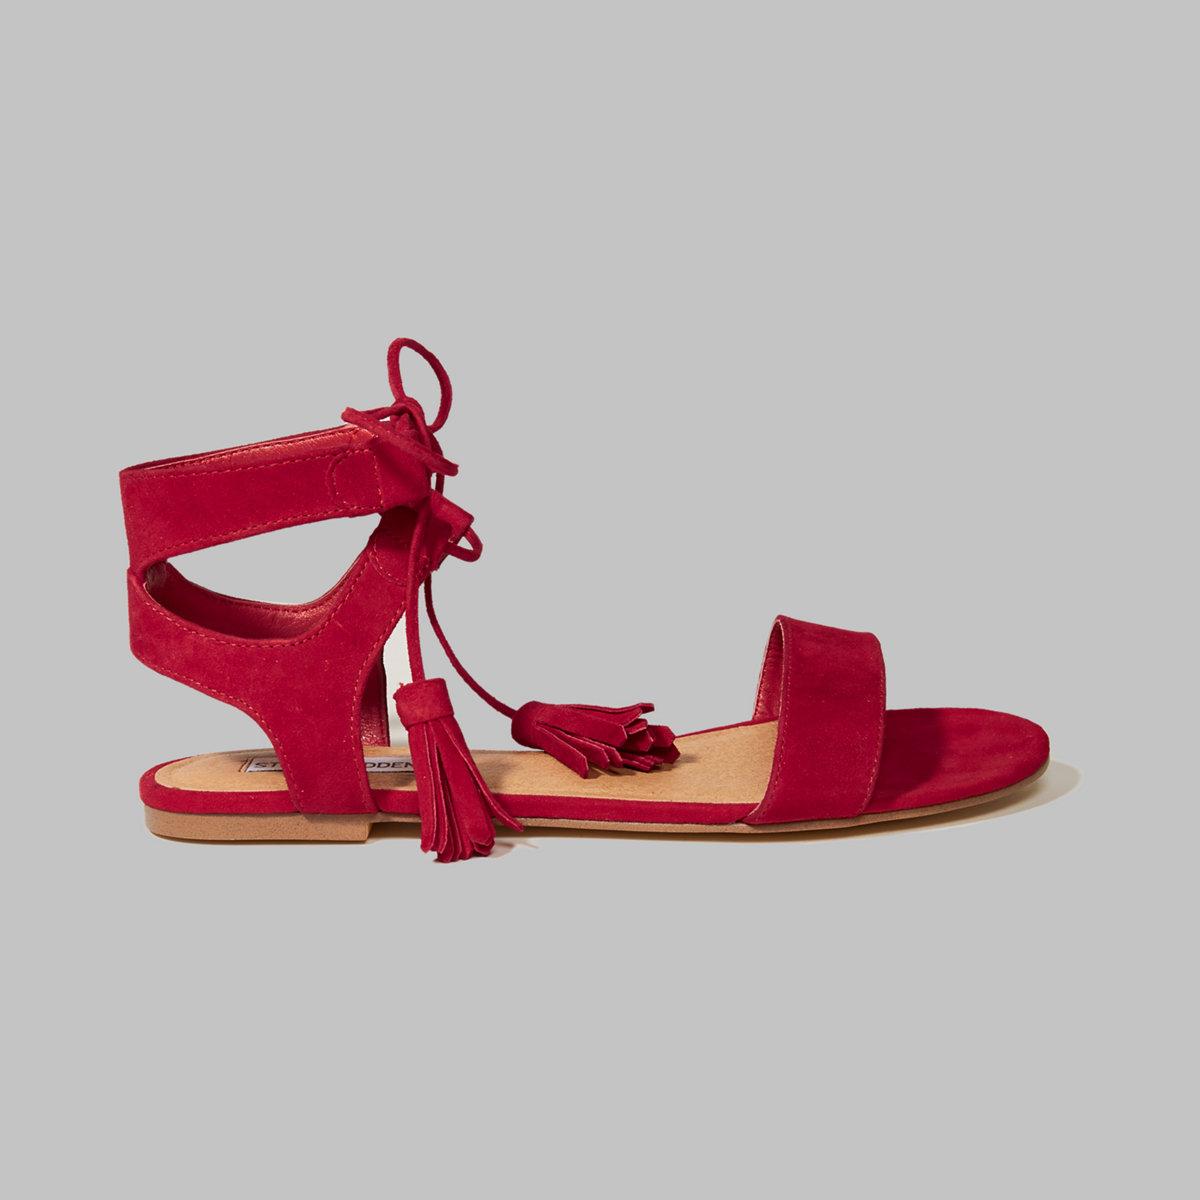 Steve Madden Darynn Sandals